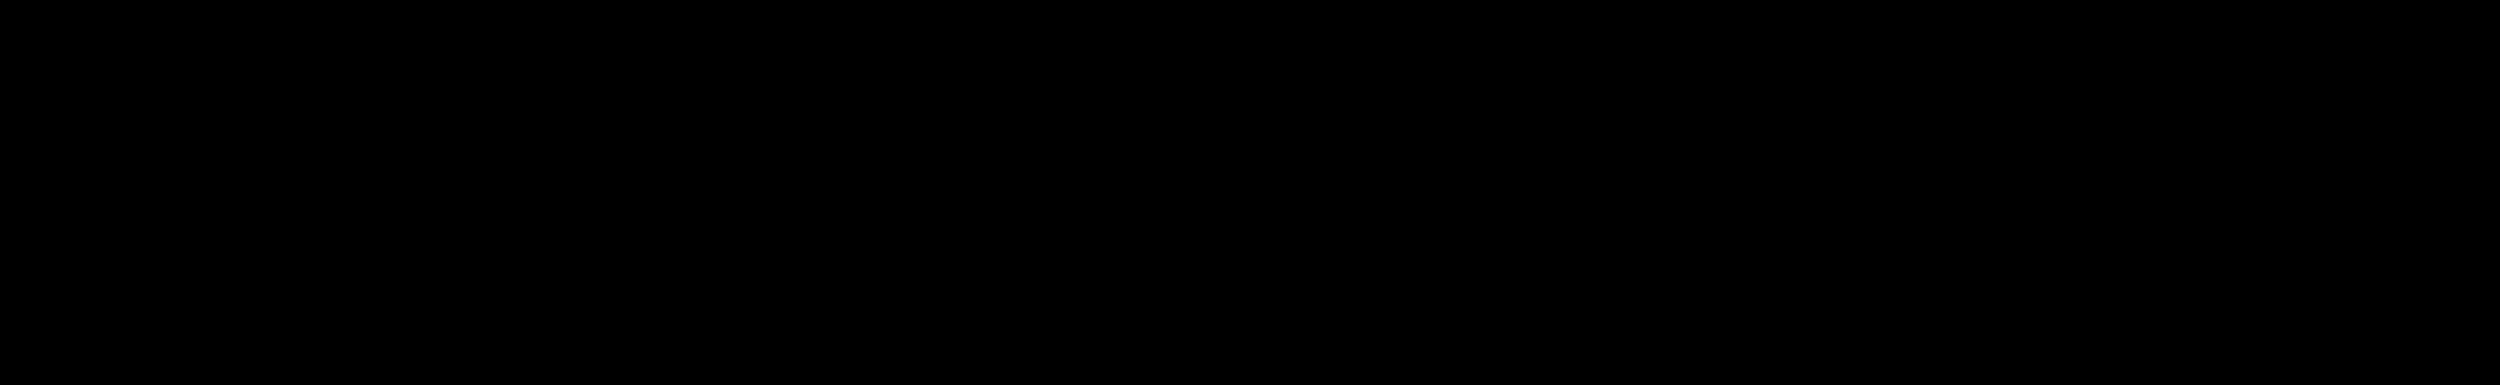 Panasonic_logo_black.png